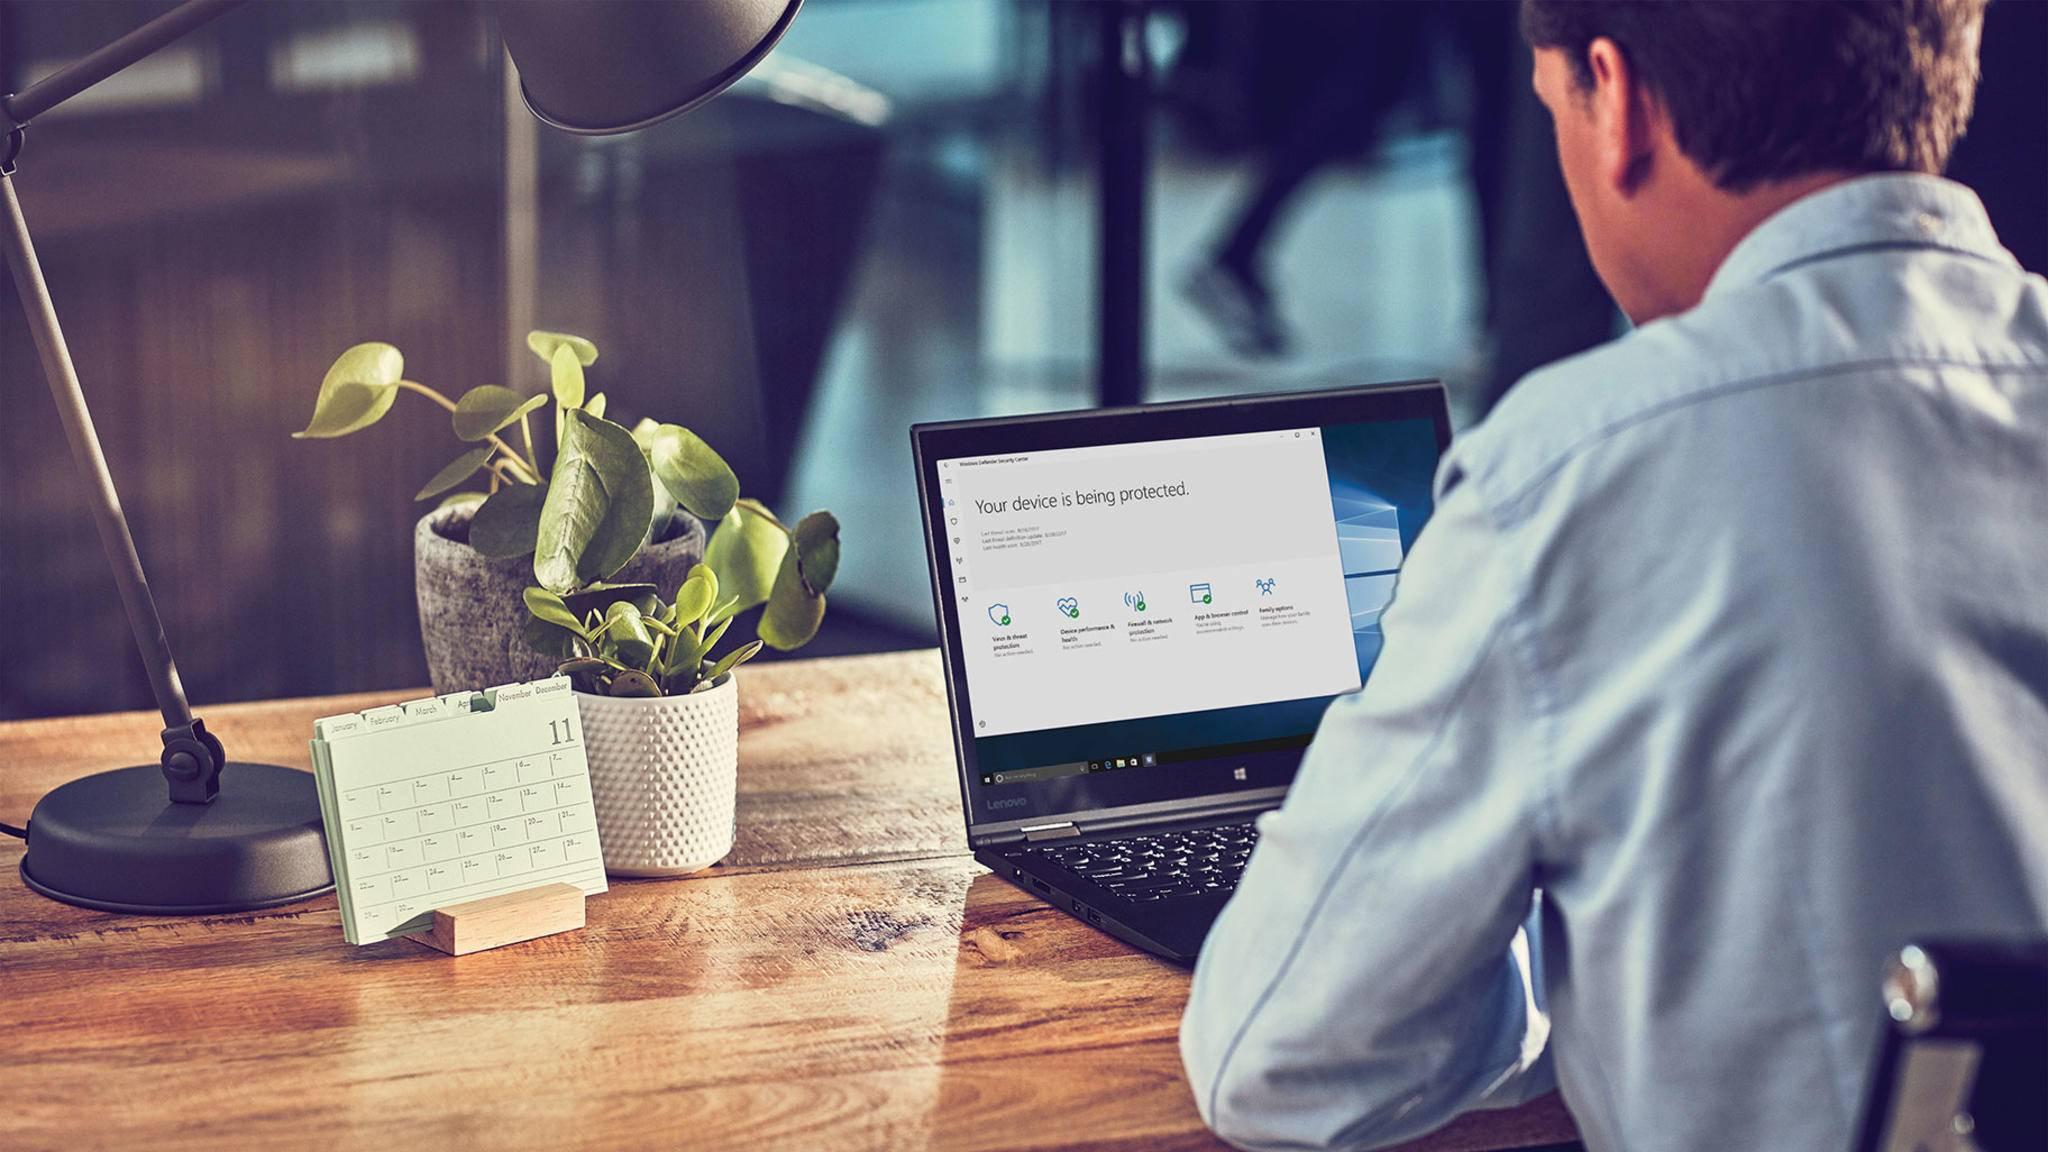 Microsoft und andere gehen mit Patches gegen Meltdown und Spectre vor.